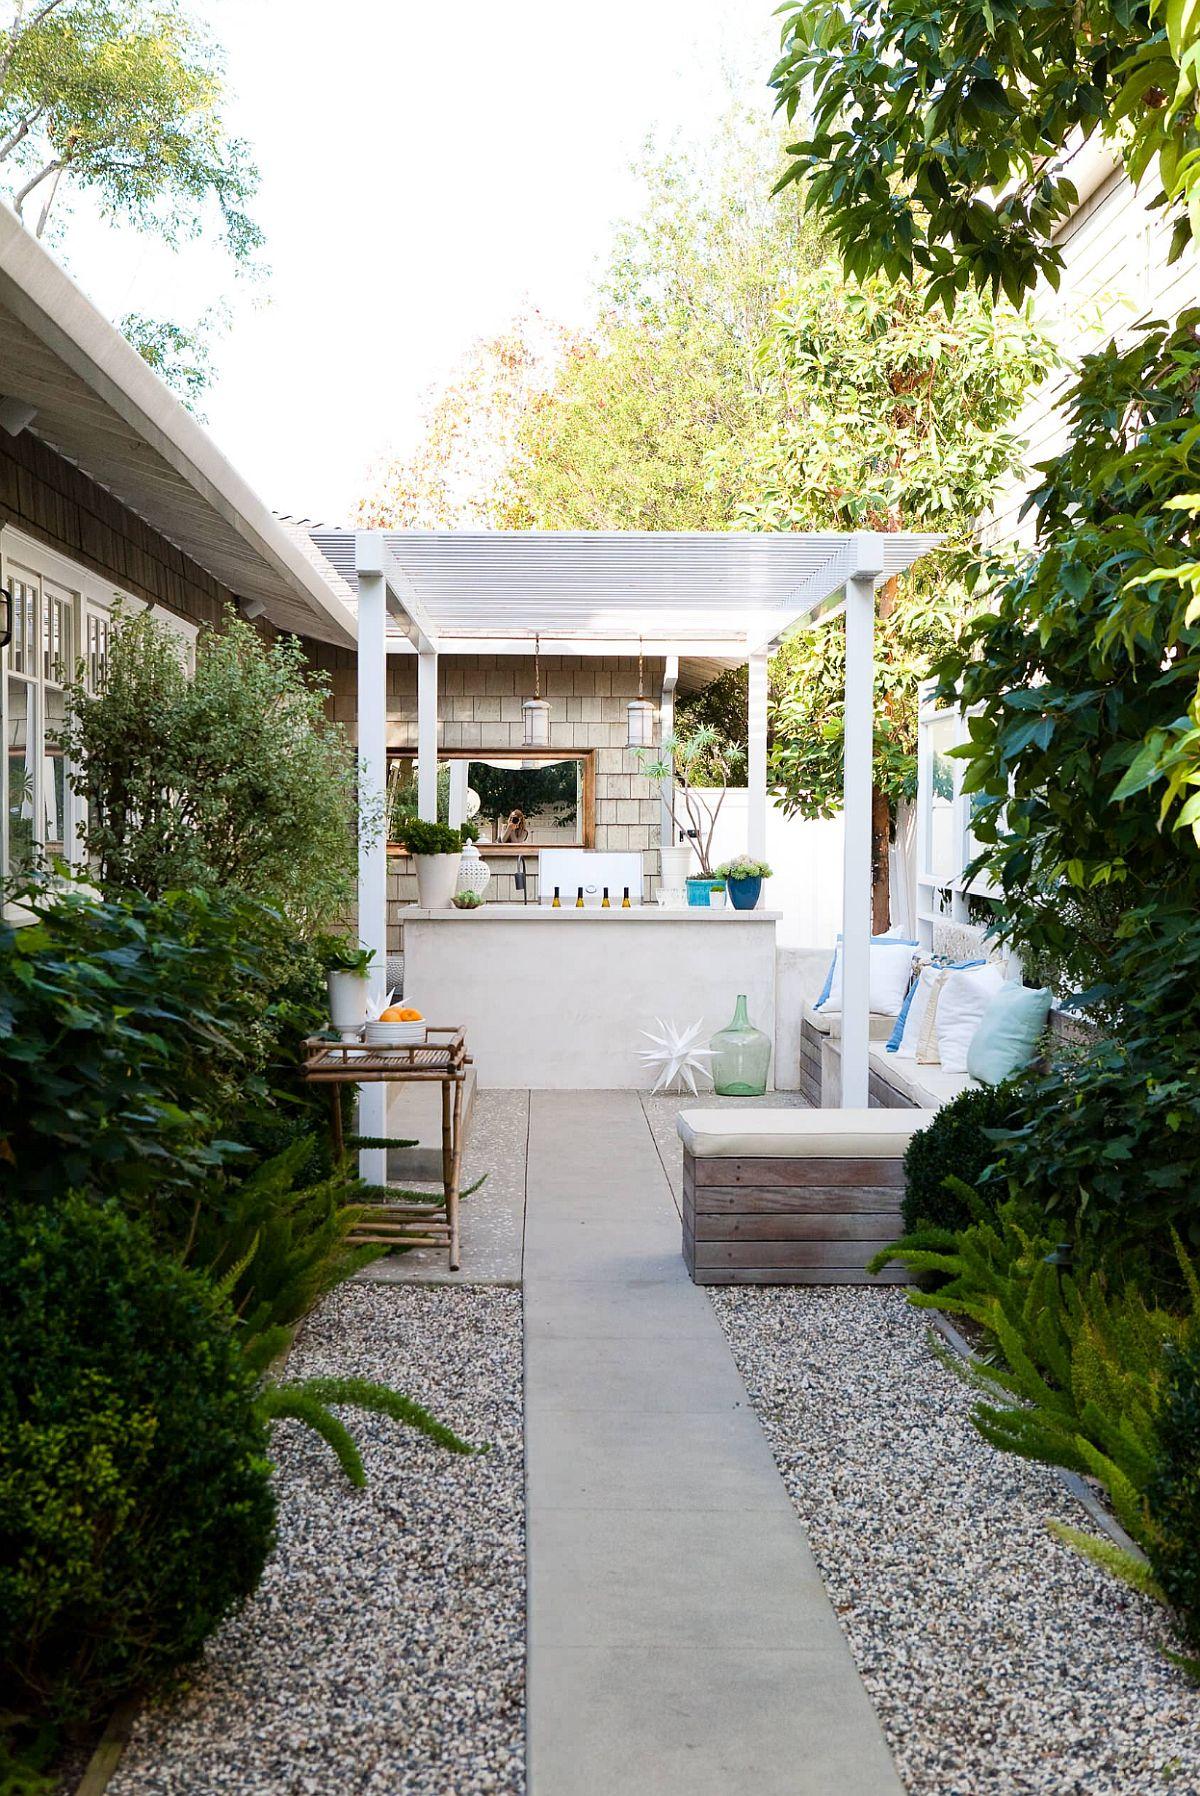 Alee din dreptul accesului în casă se continuă pe lângă construcție și este încadratp cu pietriș, iar mai departe, pe verticală este plantată vegetație.